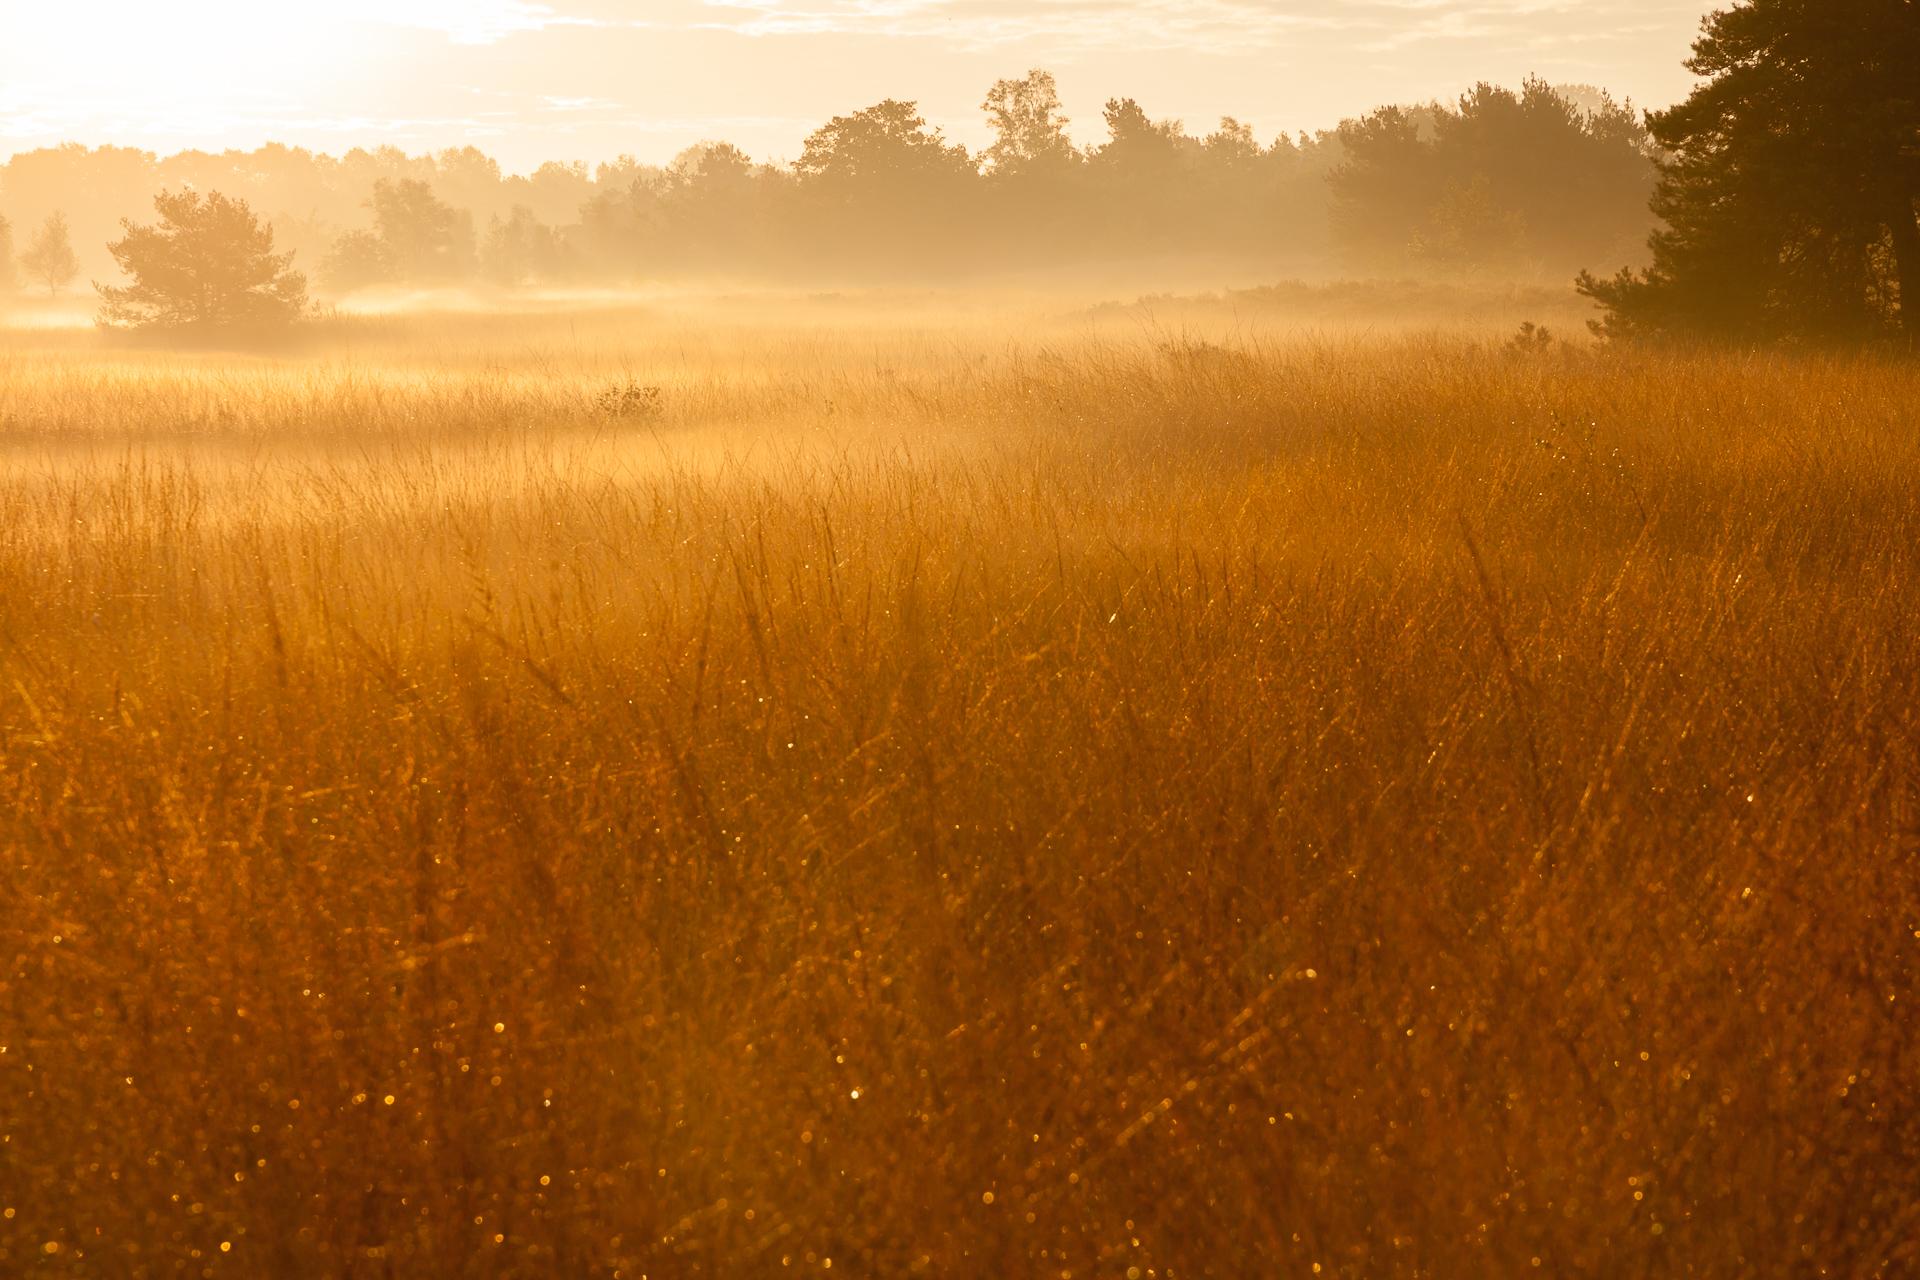 Landschapsfotografie mist met zonsopgang